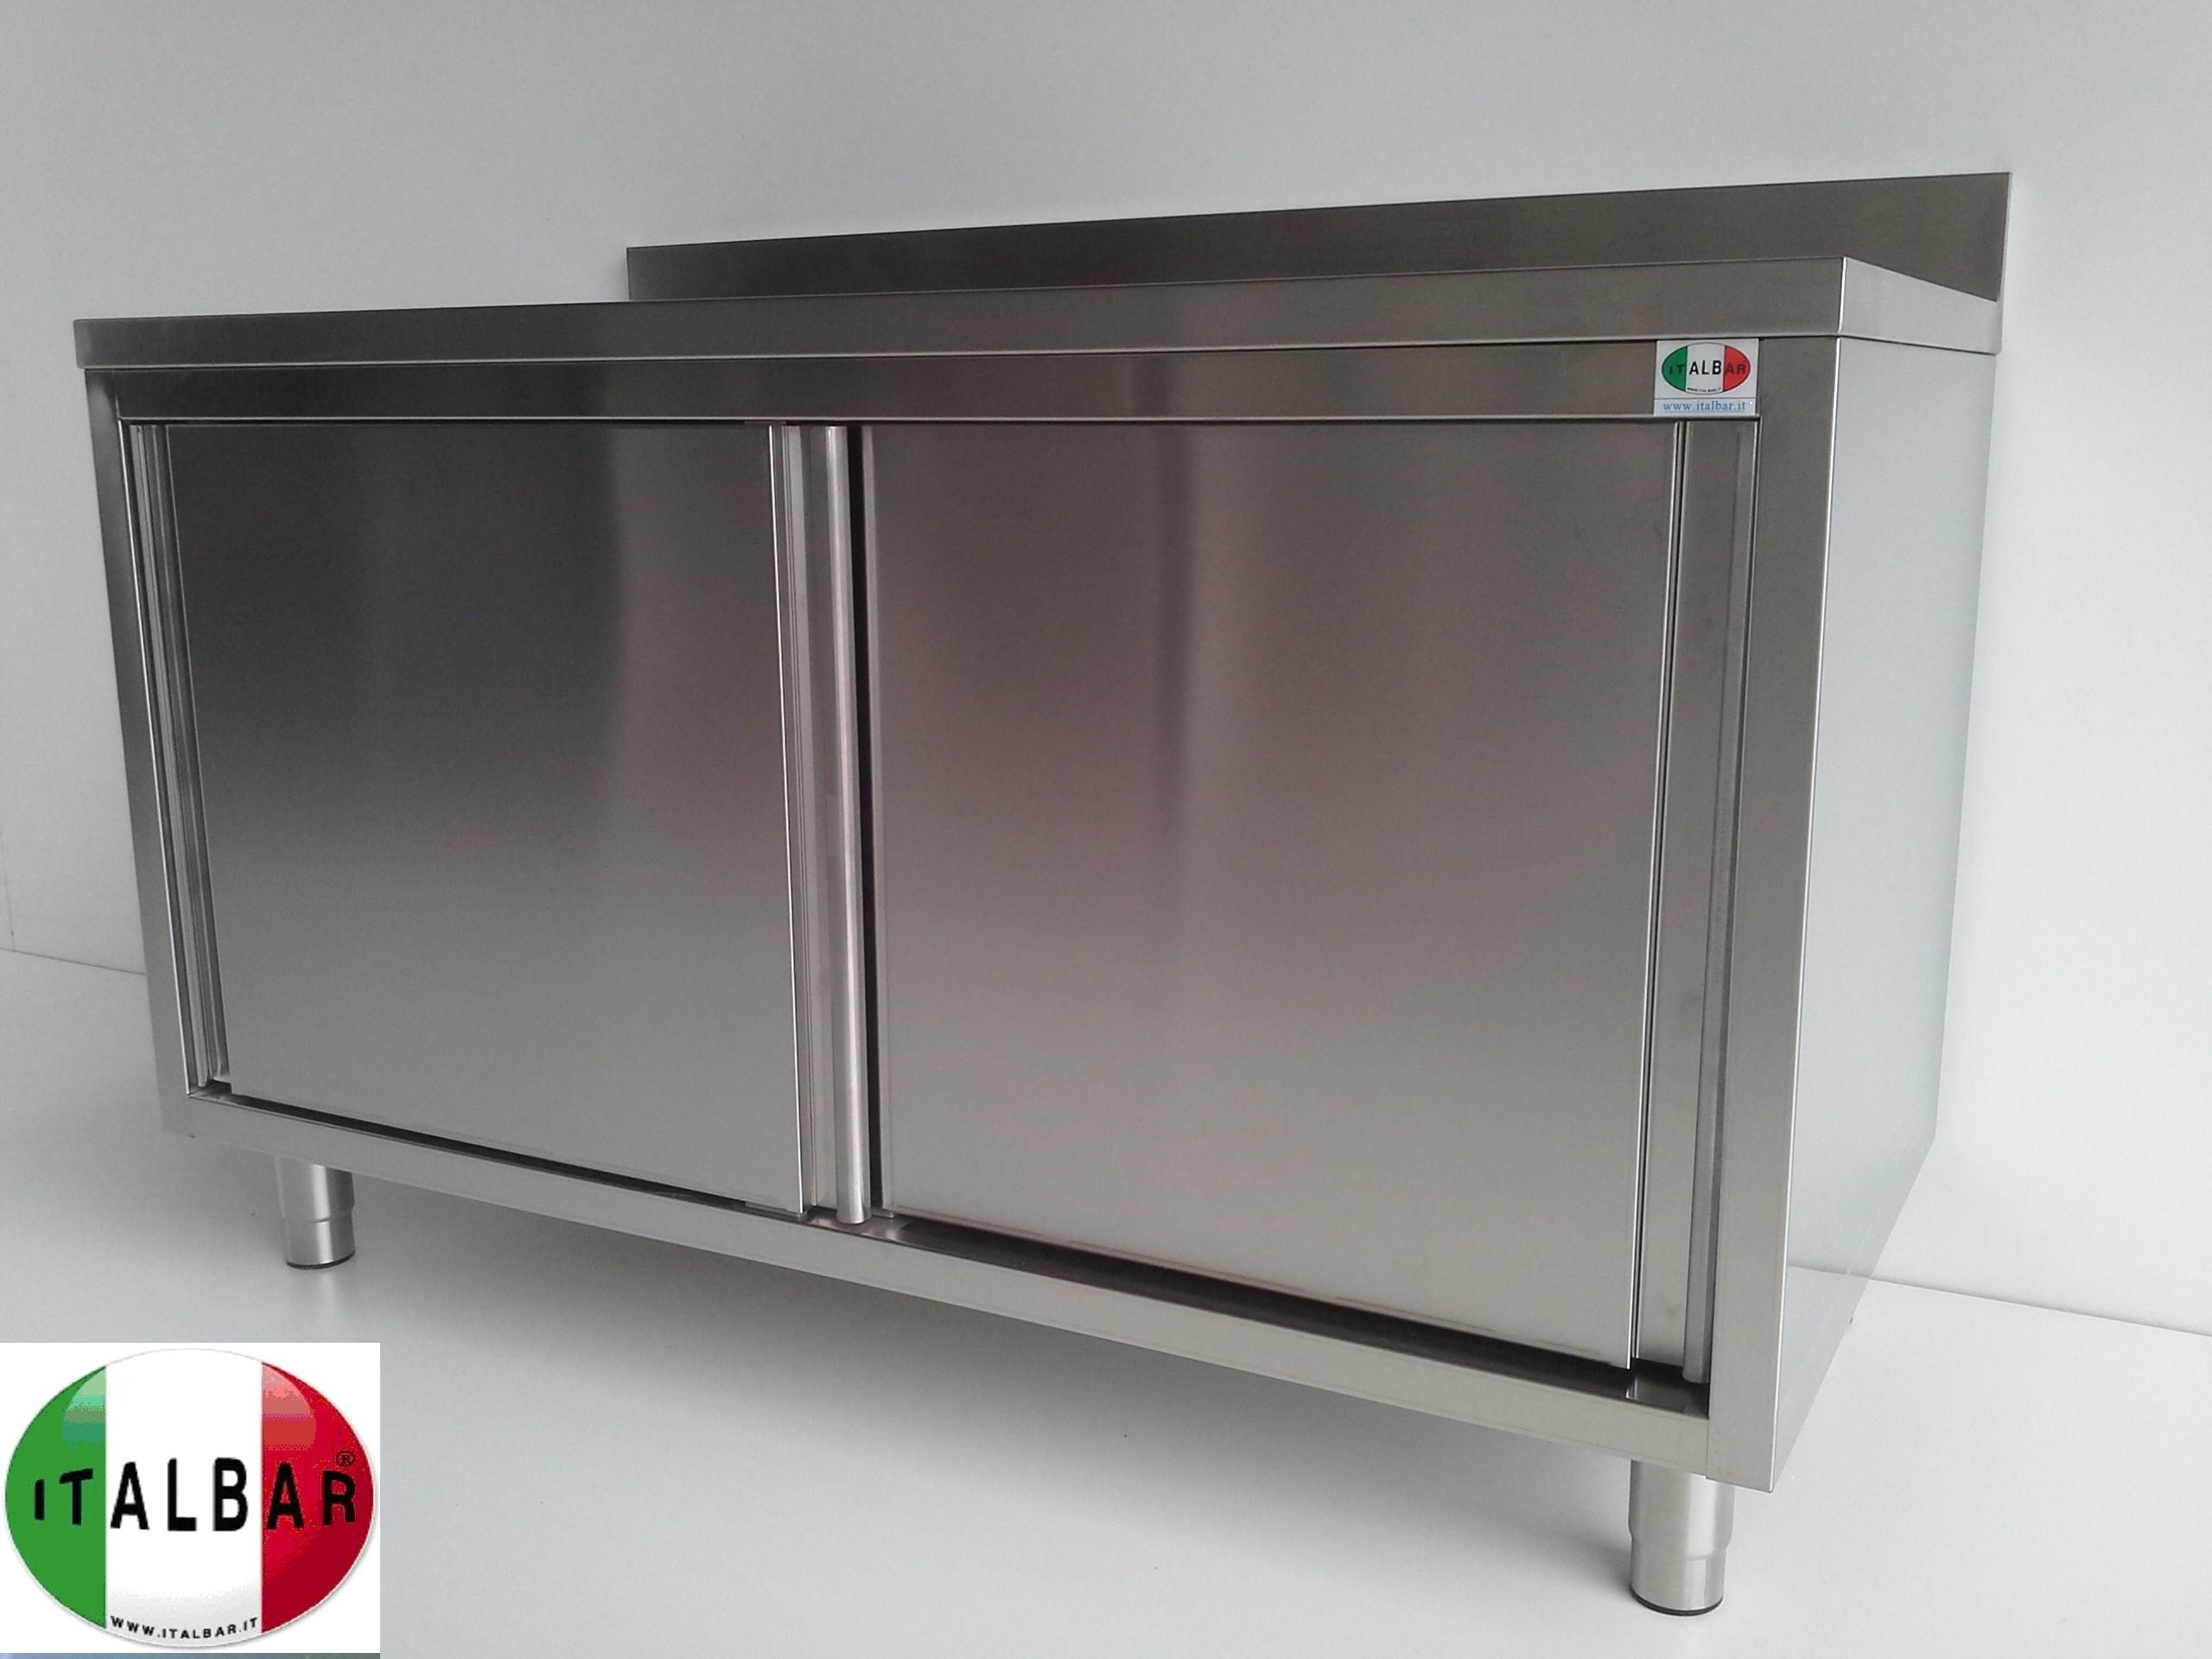 Italbar: banconi bar banchi frigo vetrine refrigerate tavolo